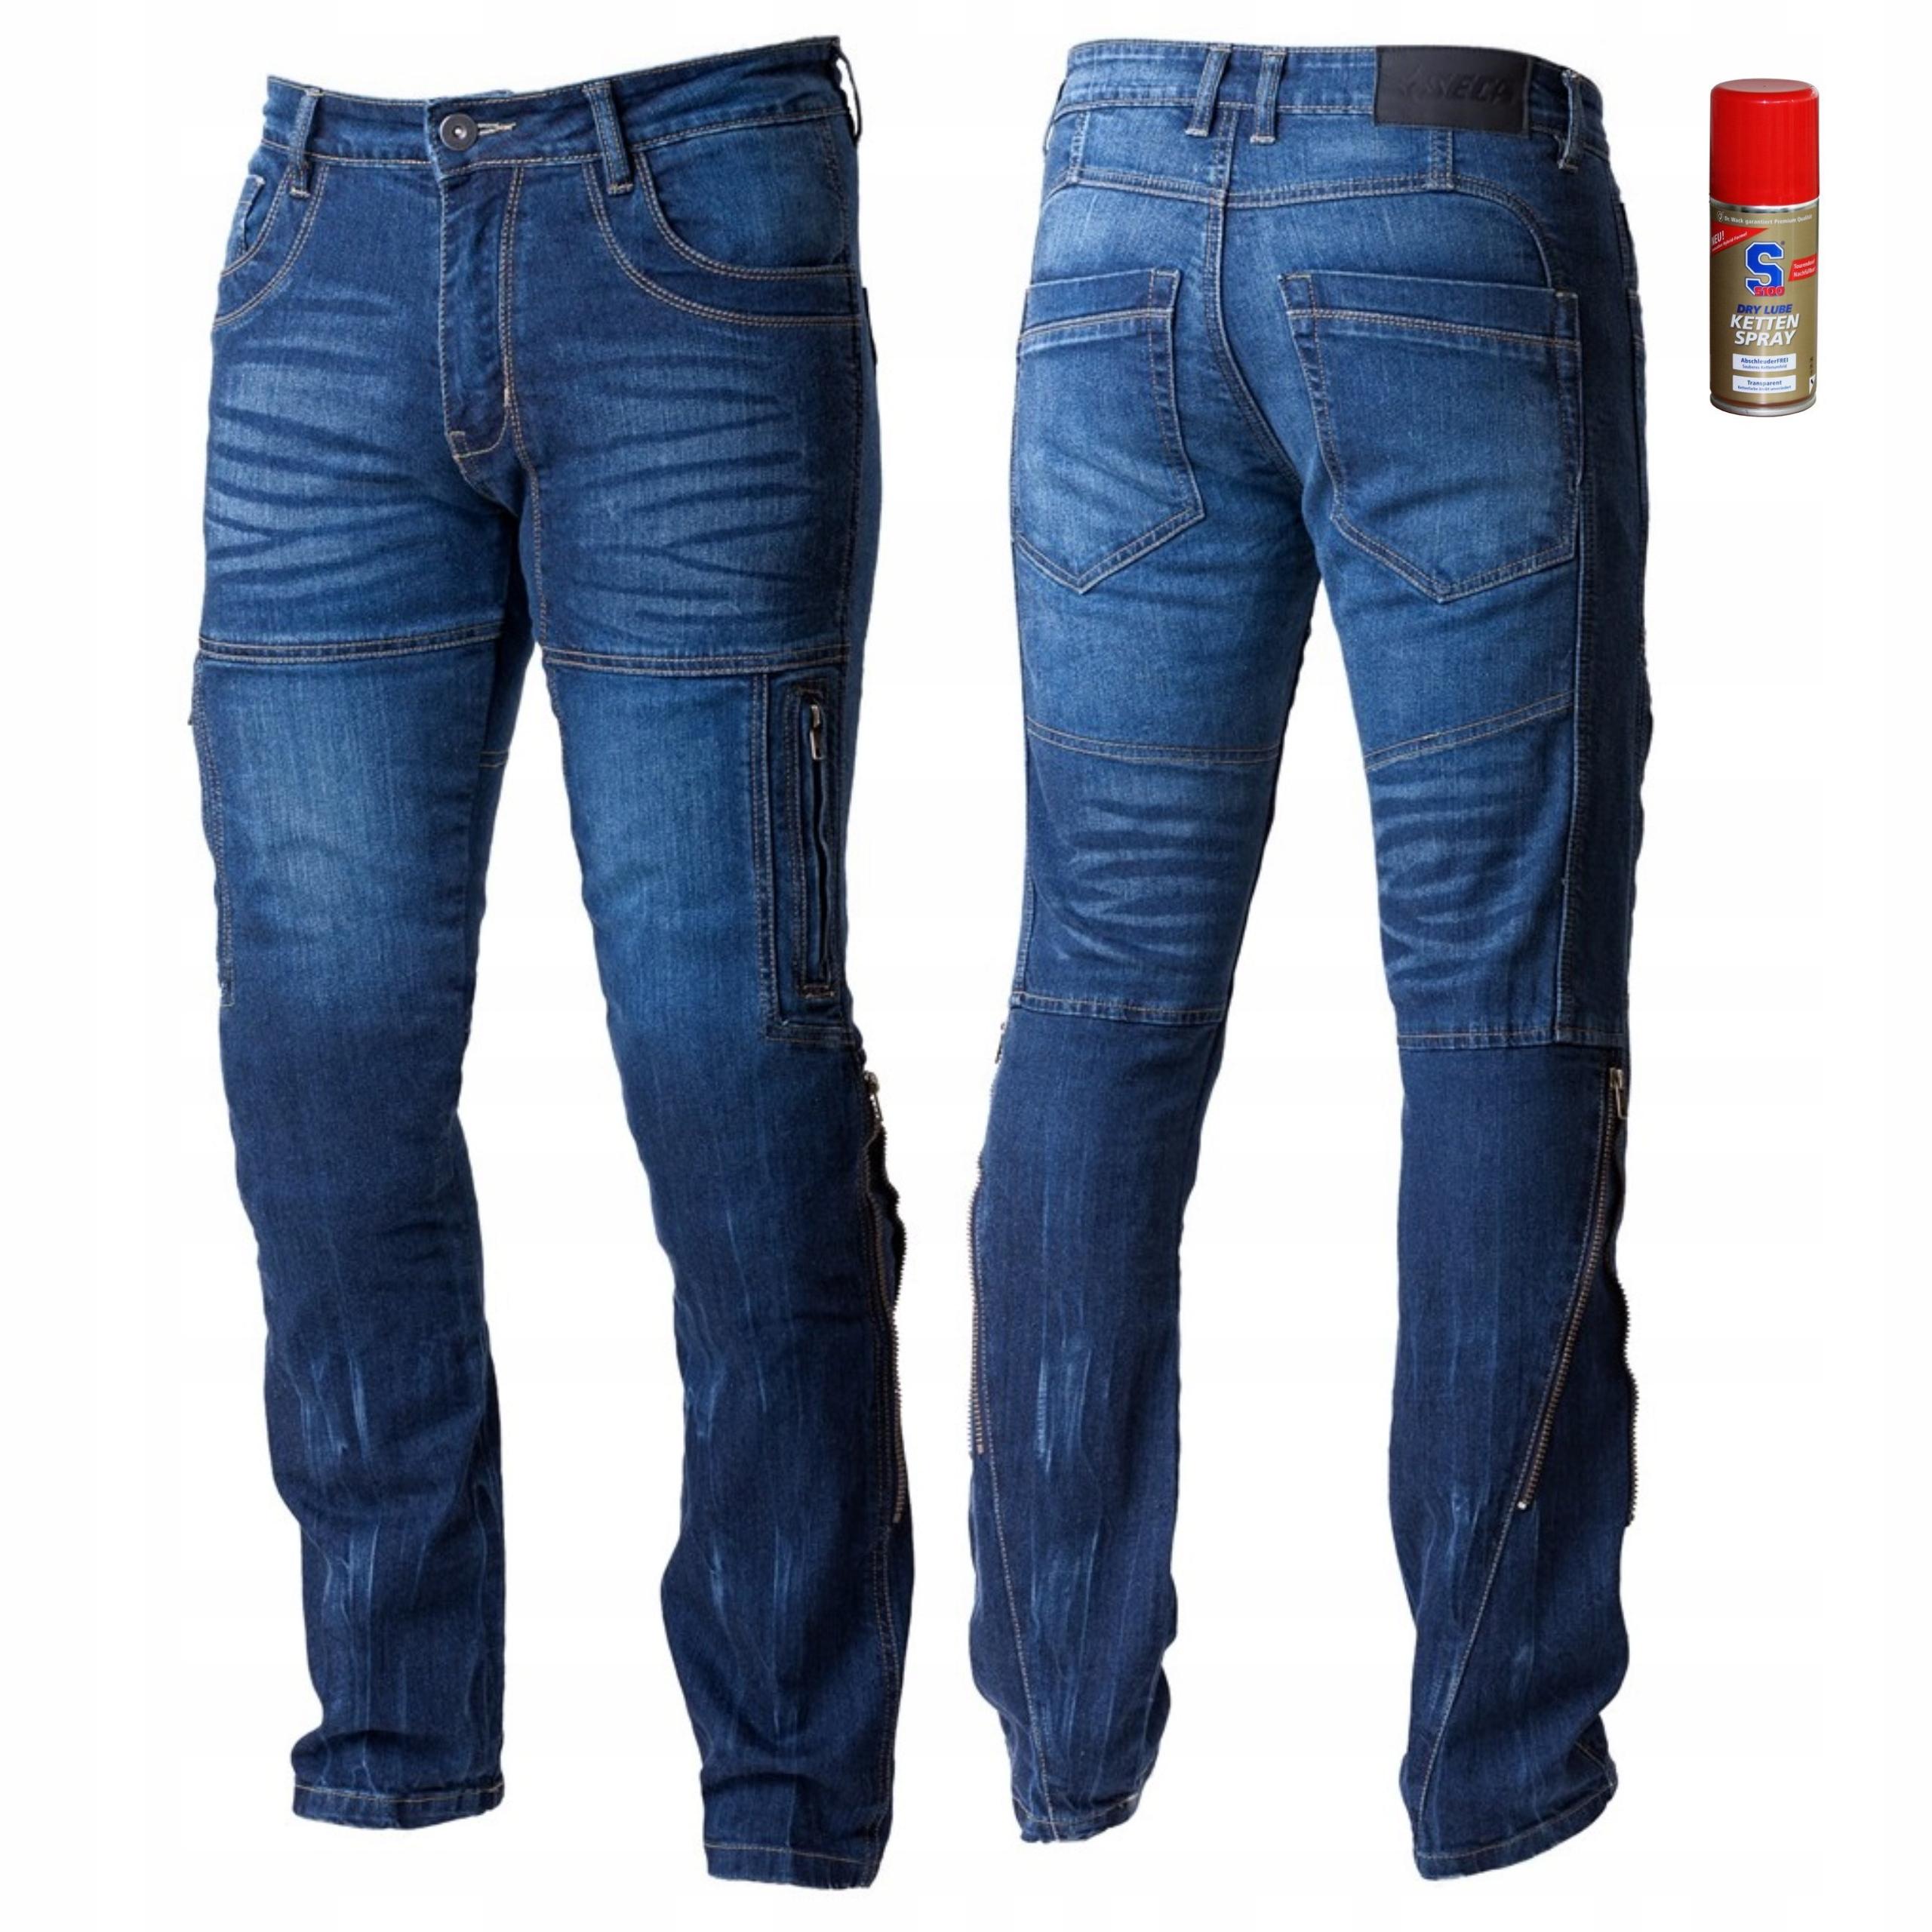 Мотоциклетные джинсы SECA VECTOR BLUE черные БЕСПЛАТНО